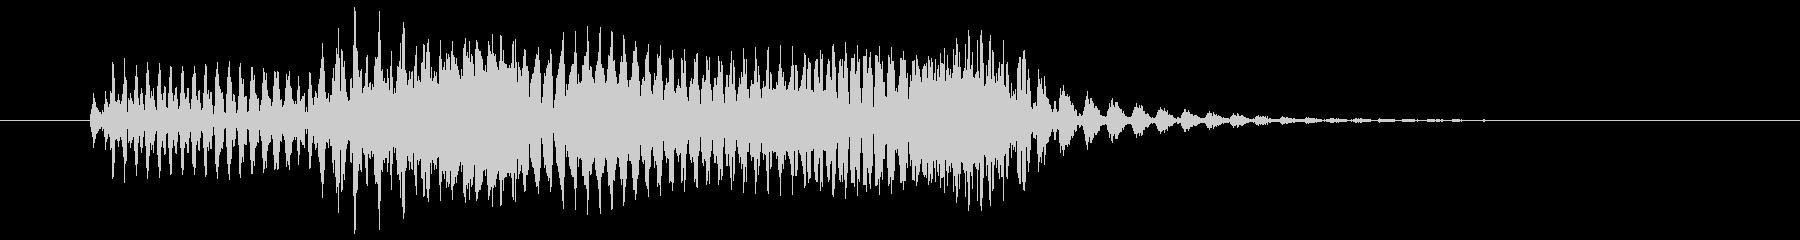 動作キャンセル向け電子音(テレードン)の未再生の波形